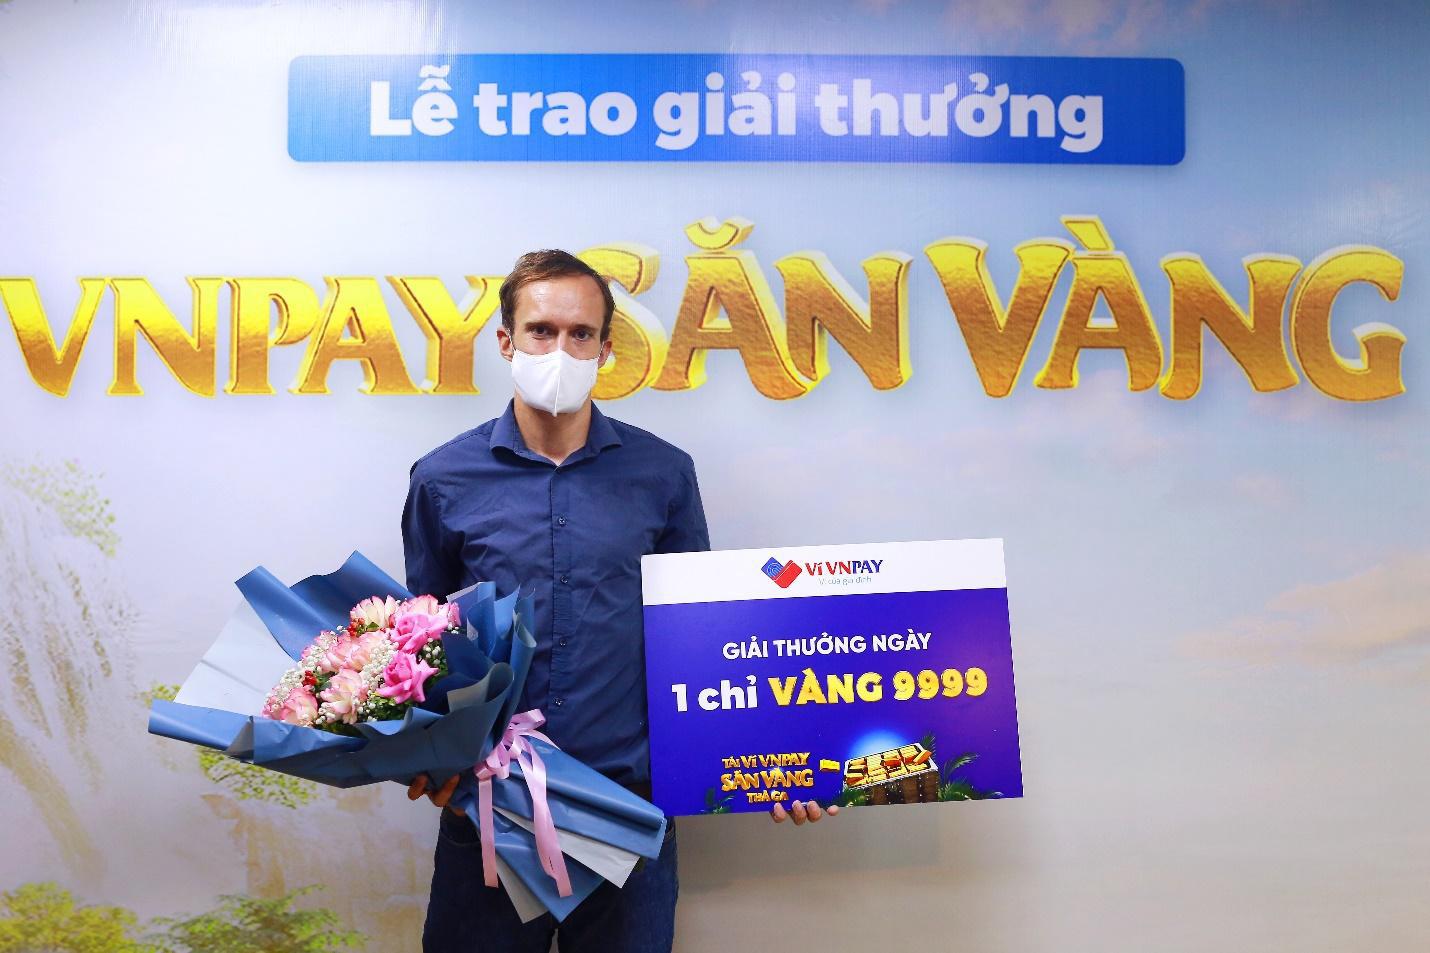 Chàng trai ngoại quốc trúng vàng 9999 nhờ thanh toán hóa đơn trực tuyến - Ảnh 1.